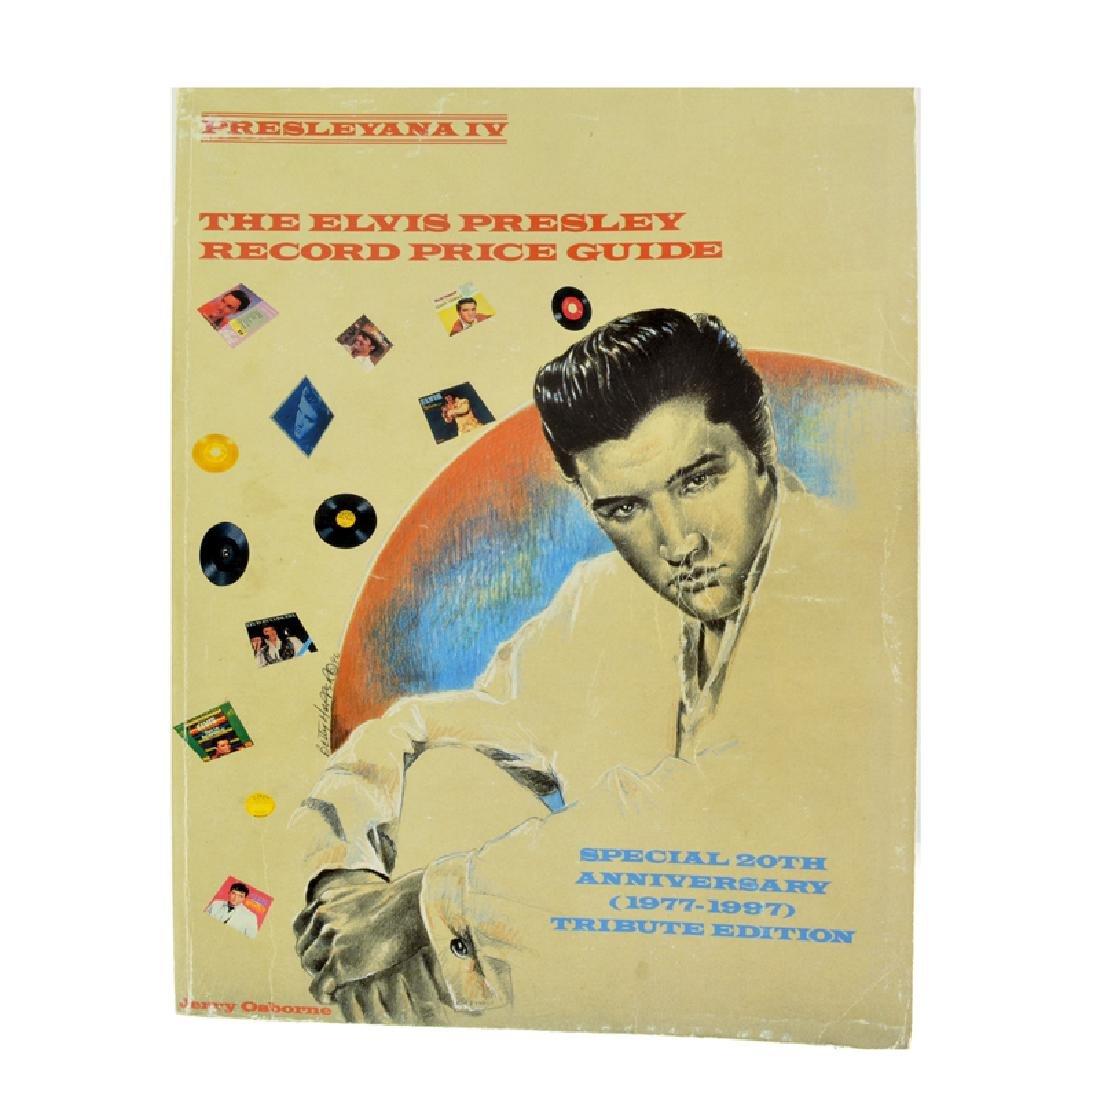 Presleyana IV: The Elvis Presley Album Price Guide